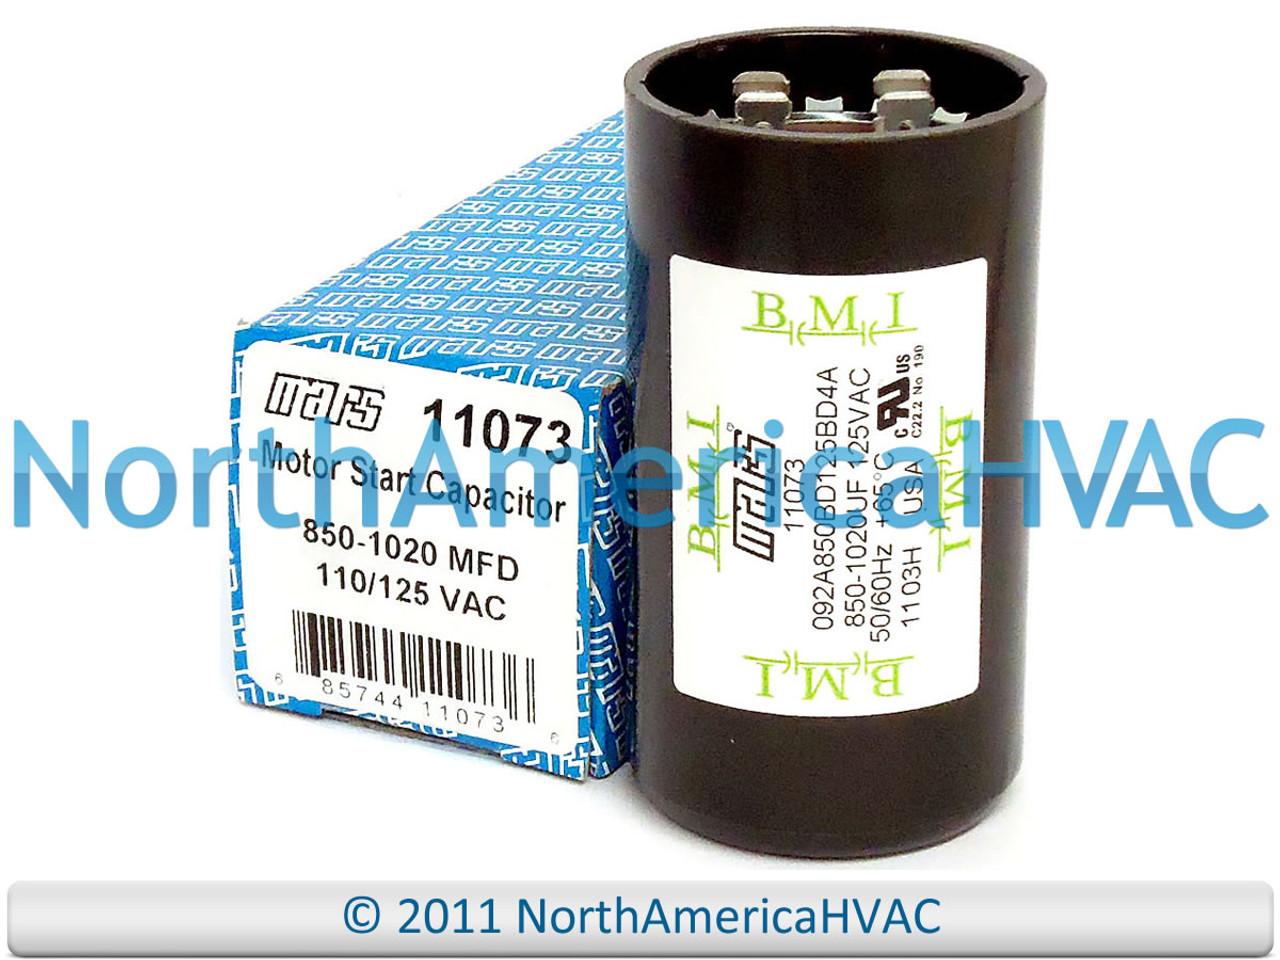 850-1020 MFD Mars 11073 Motor Start Capacitor 110//125